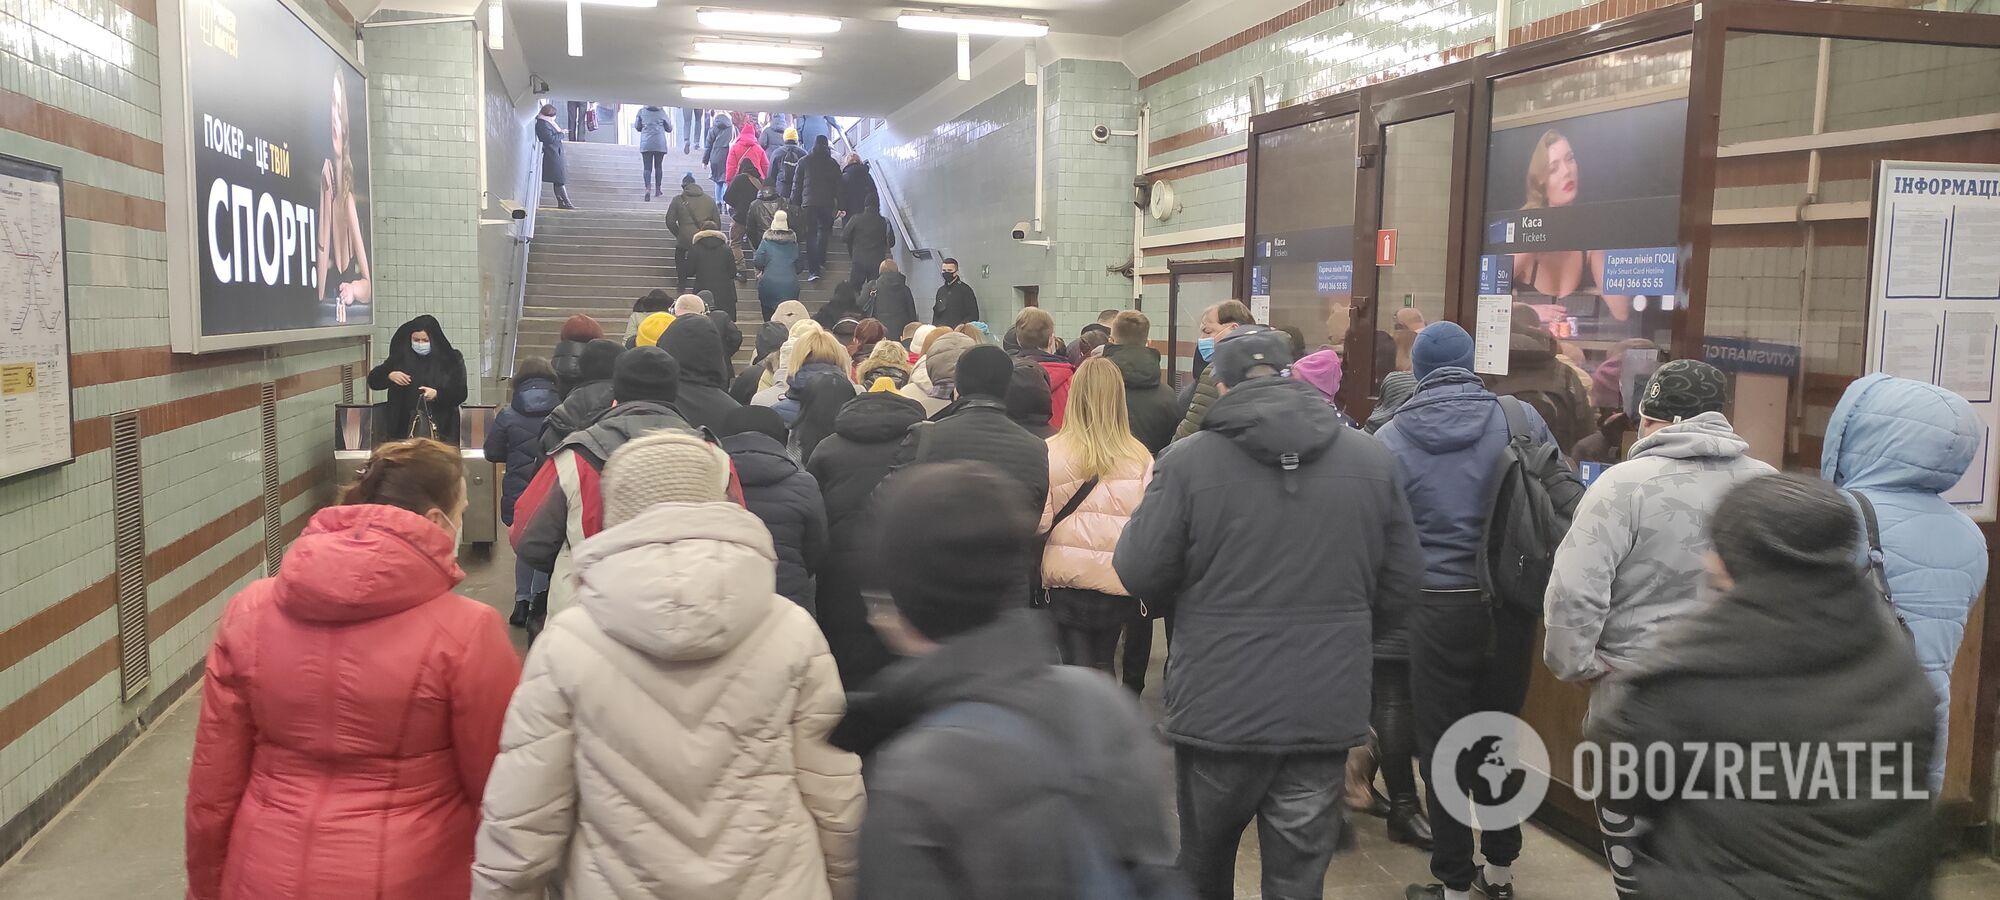 """Пасажири в вестибюлі на станції """"Дарниця""""."""